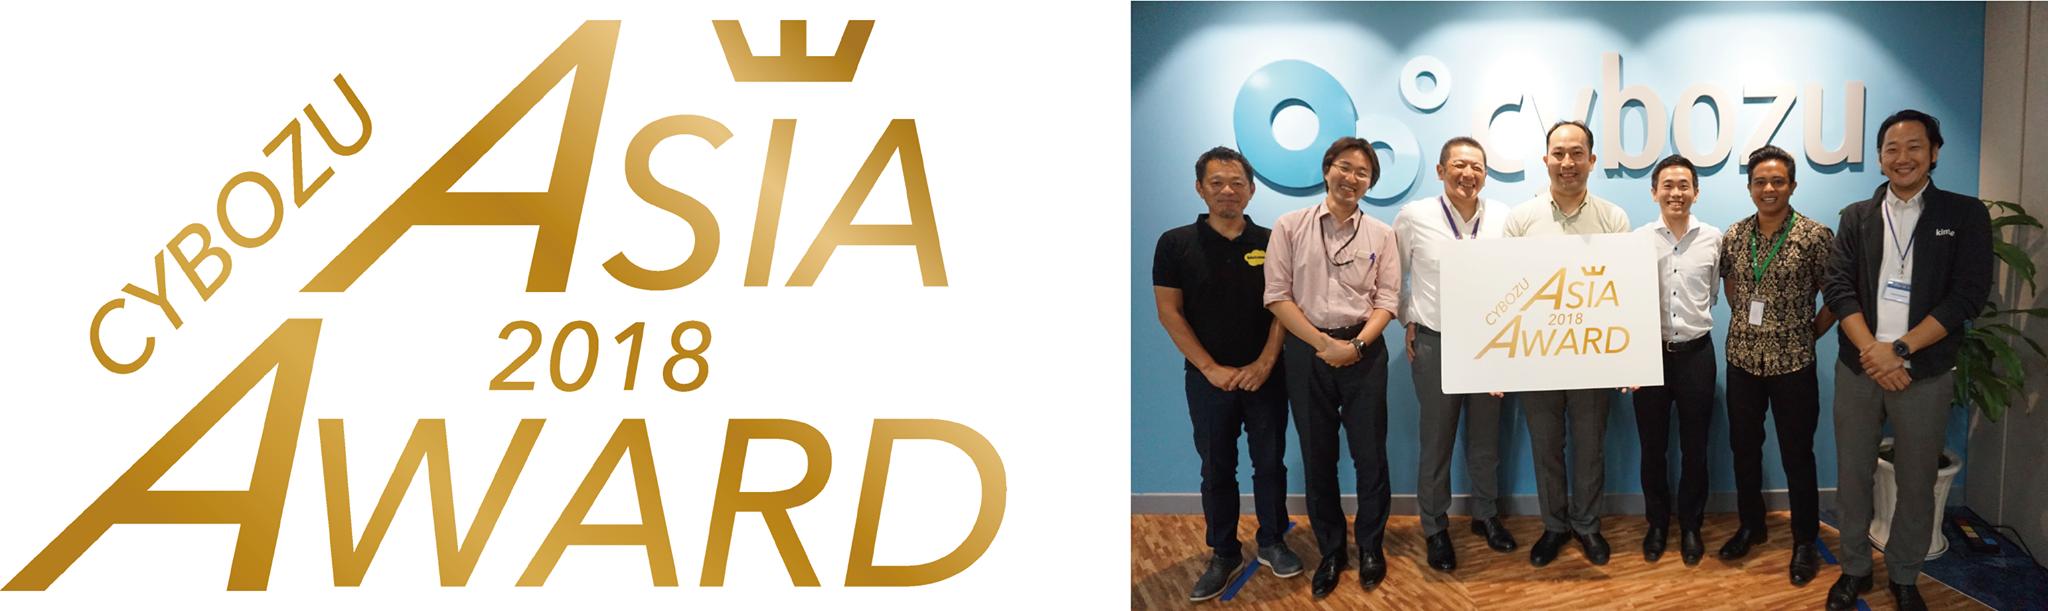 asia_award.png